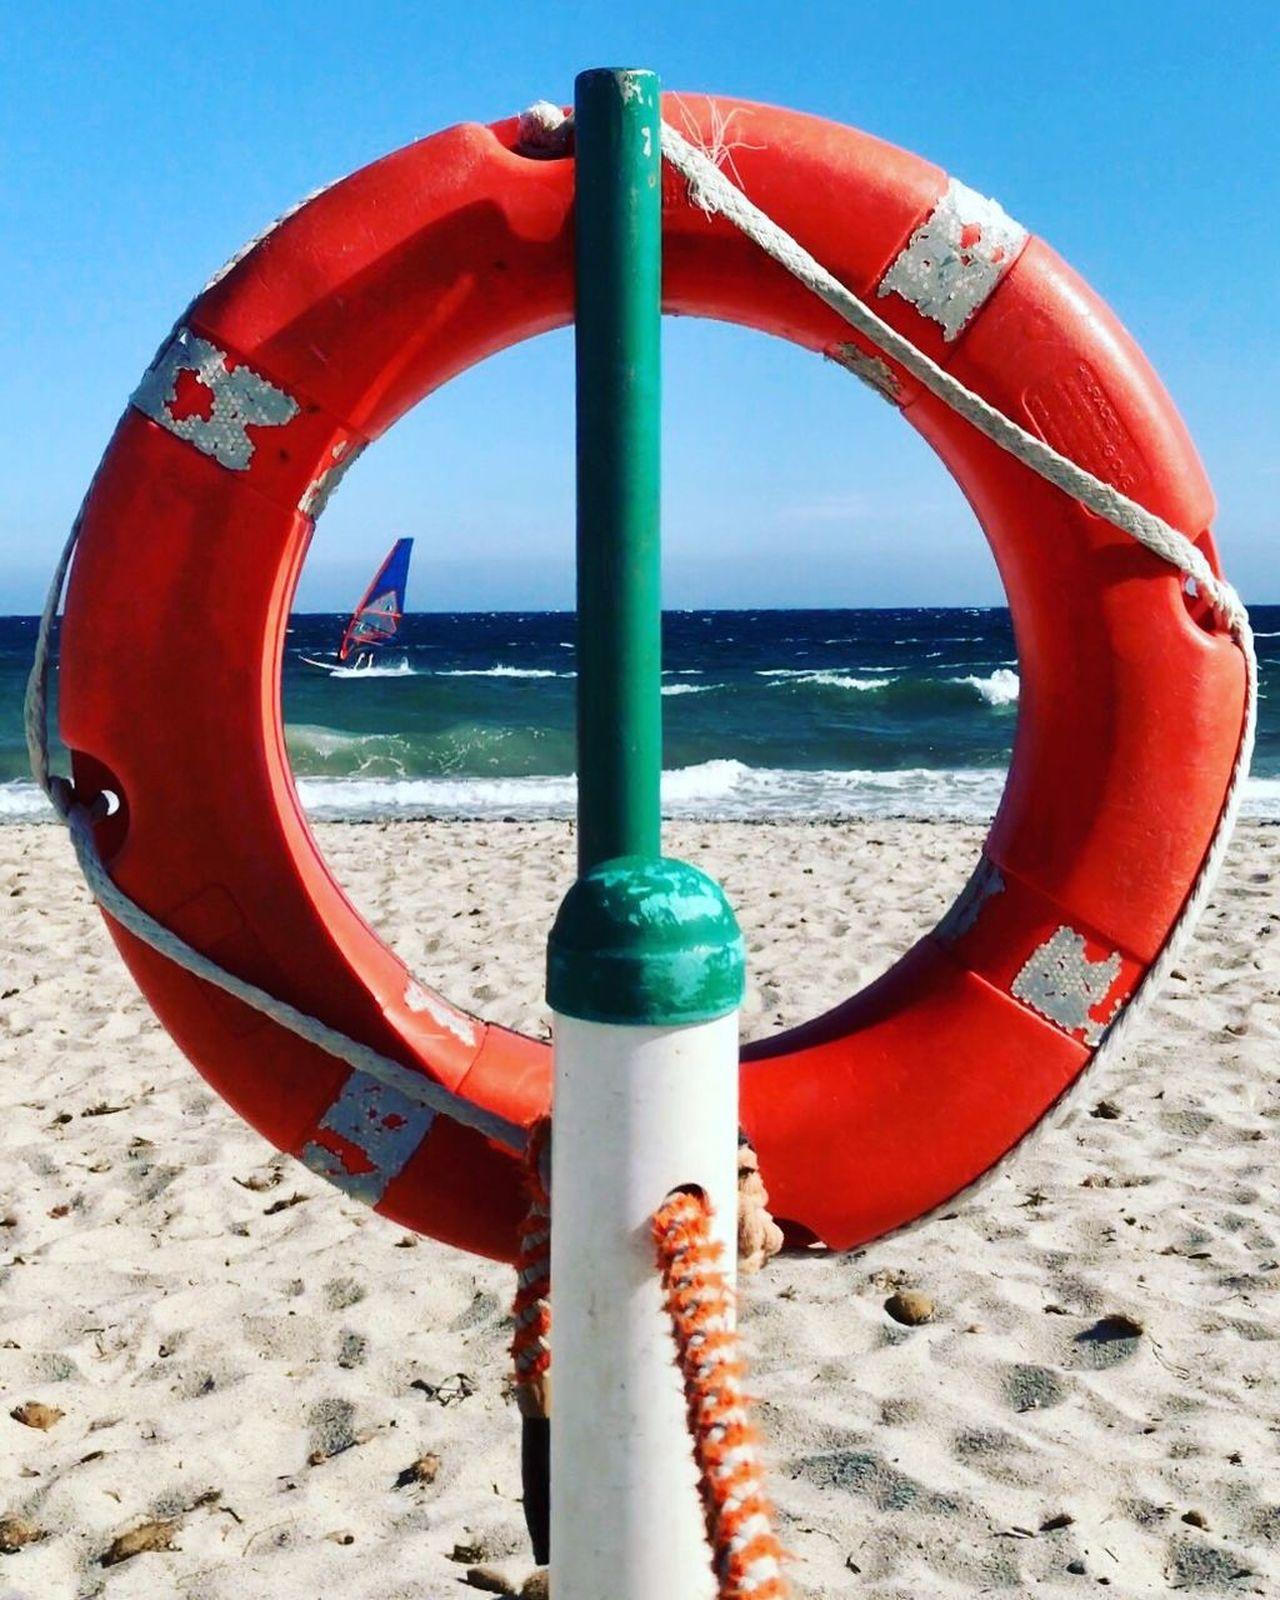 Poetto beach cagliari